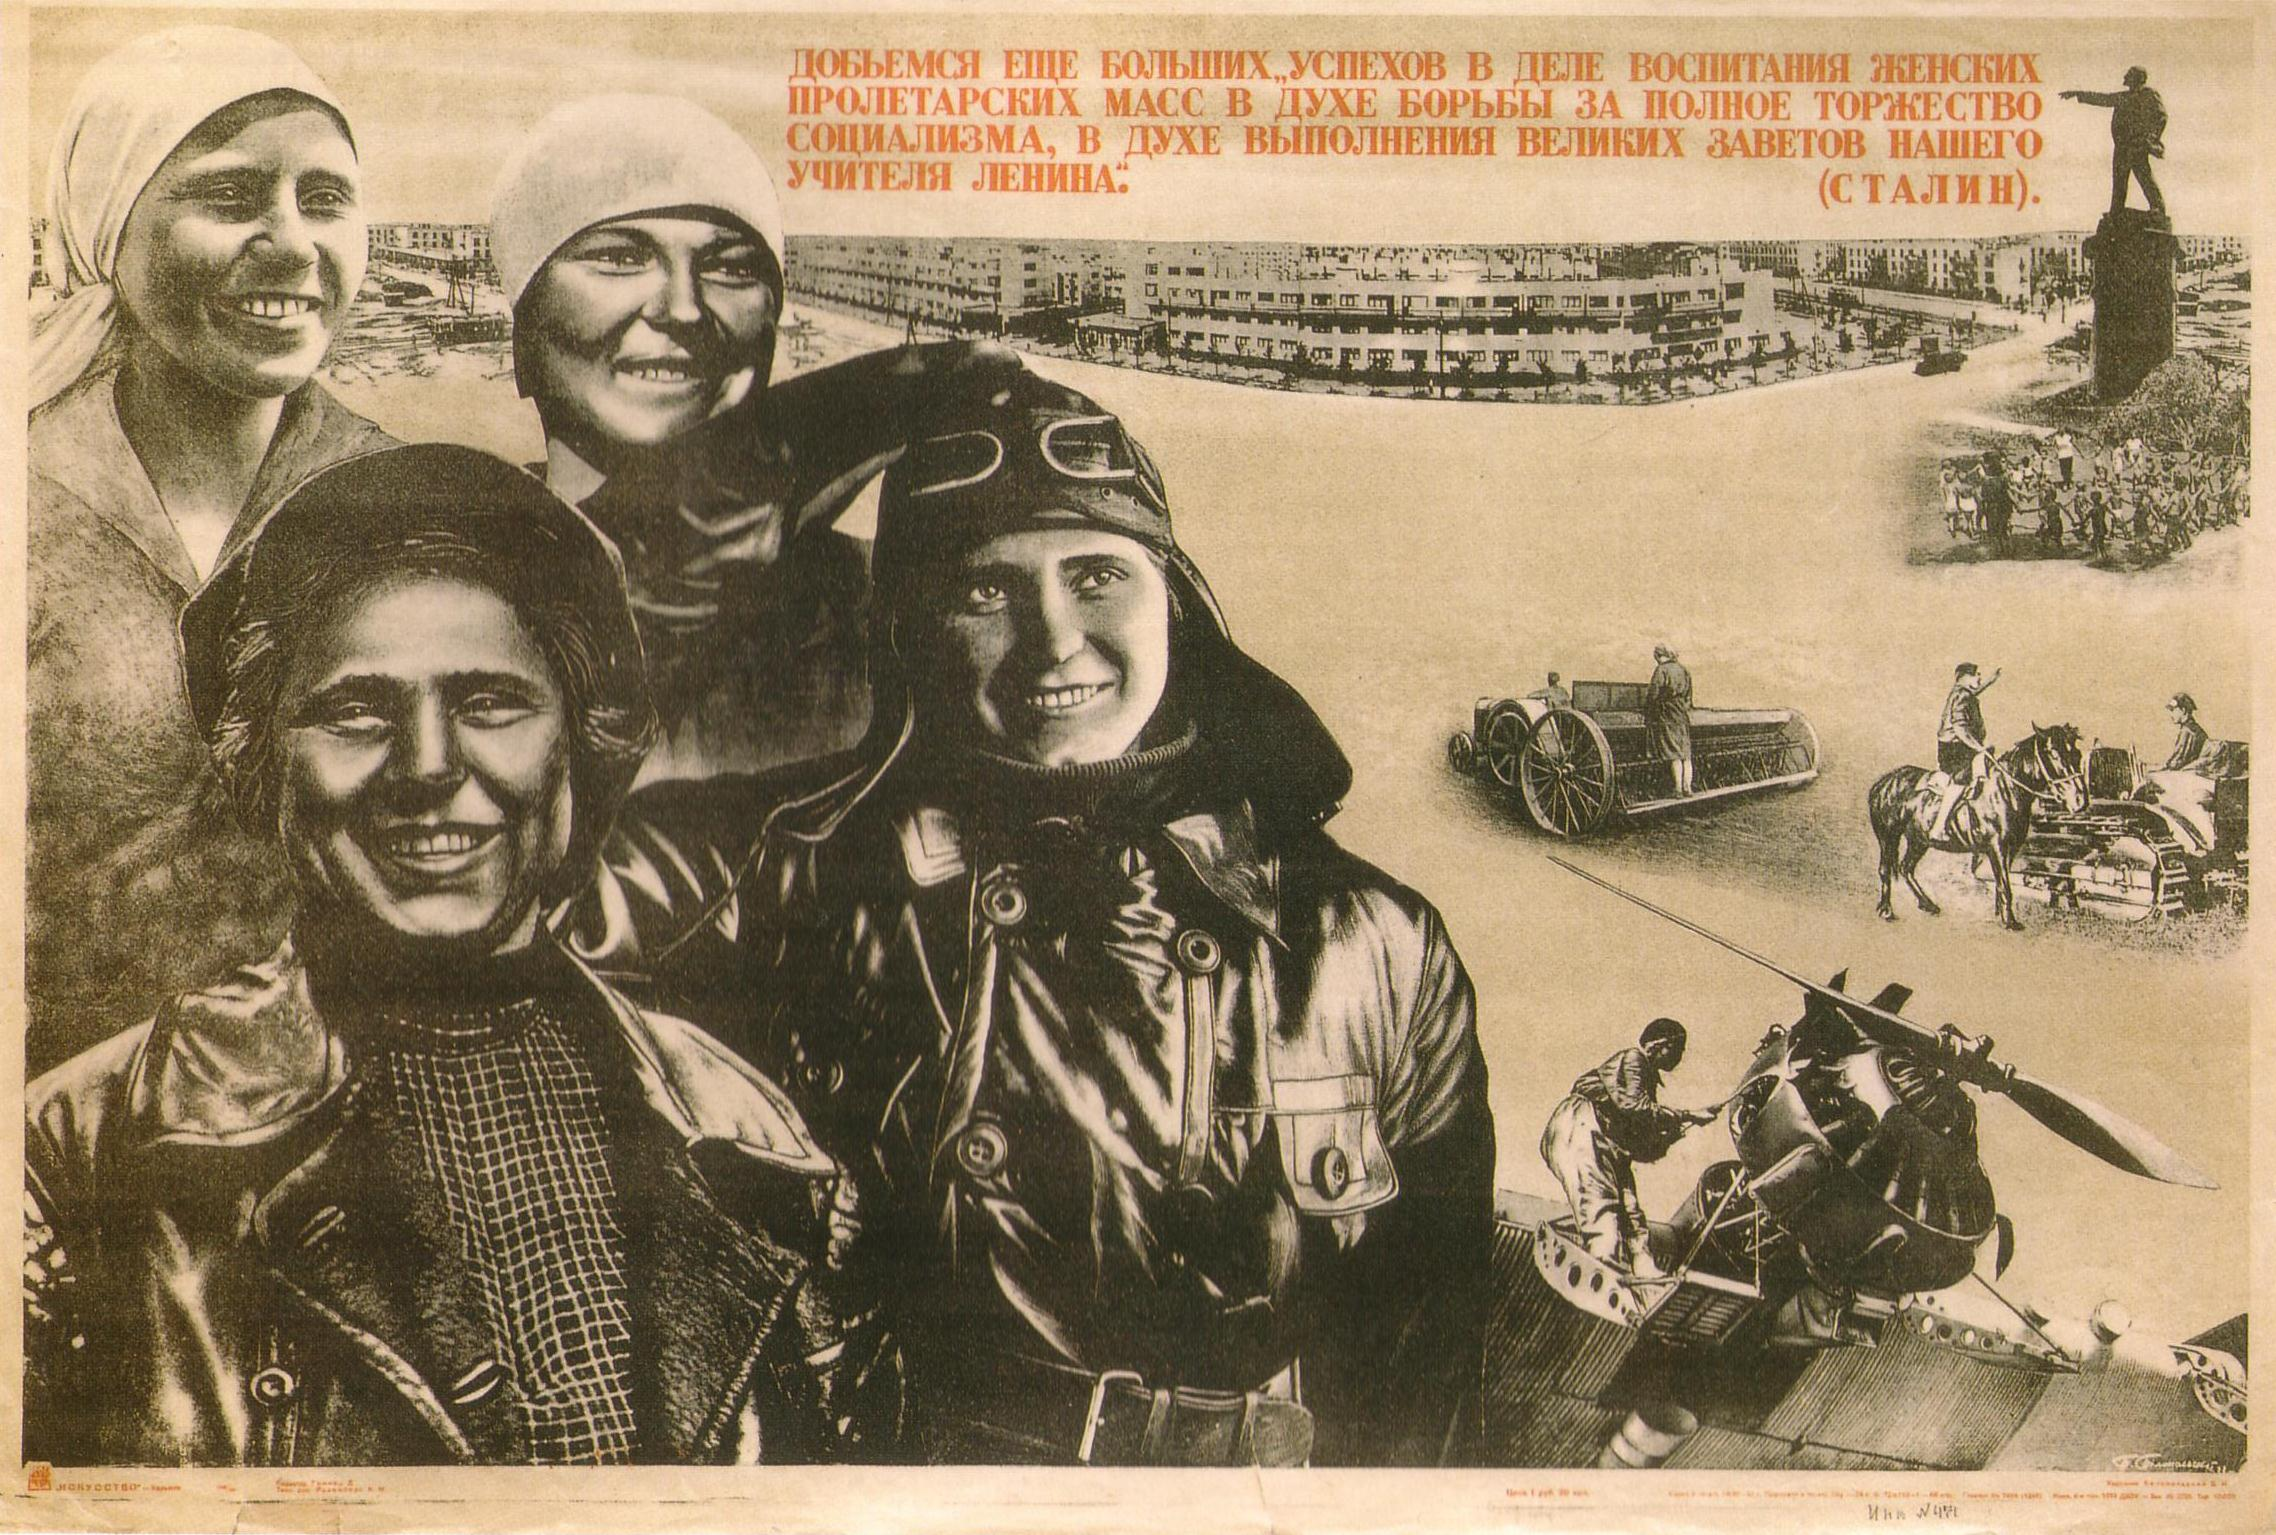 Добьемся еще больших успехов в деле воспитания женских пролетарских масс... Автор: Б. Белопольский Год: 1934